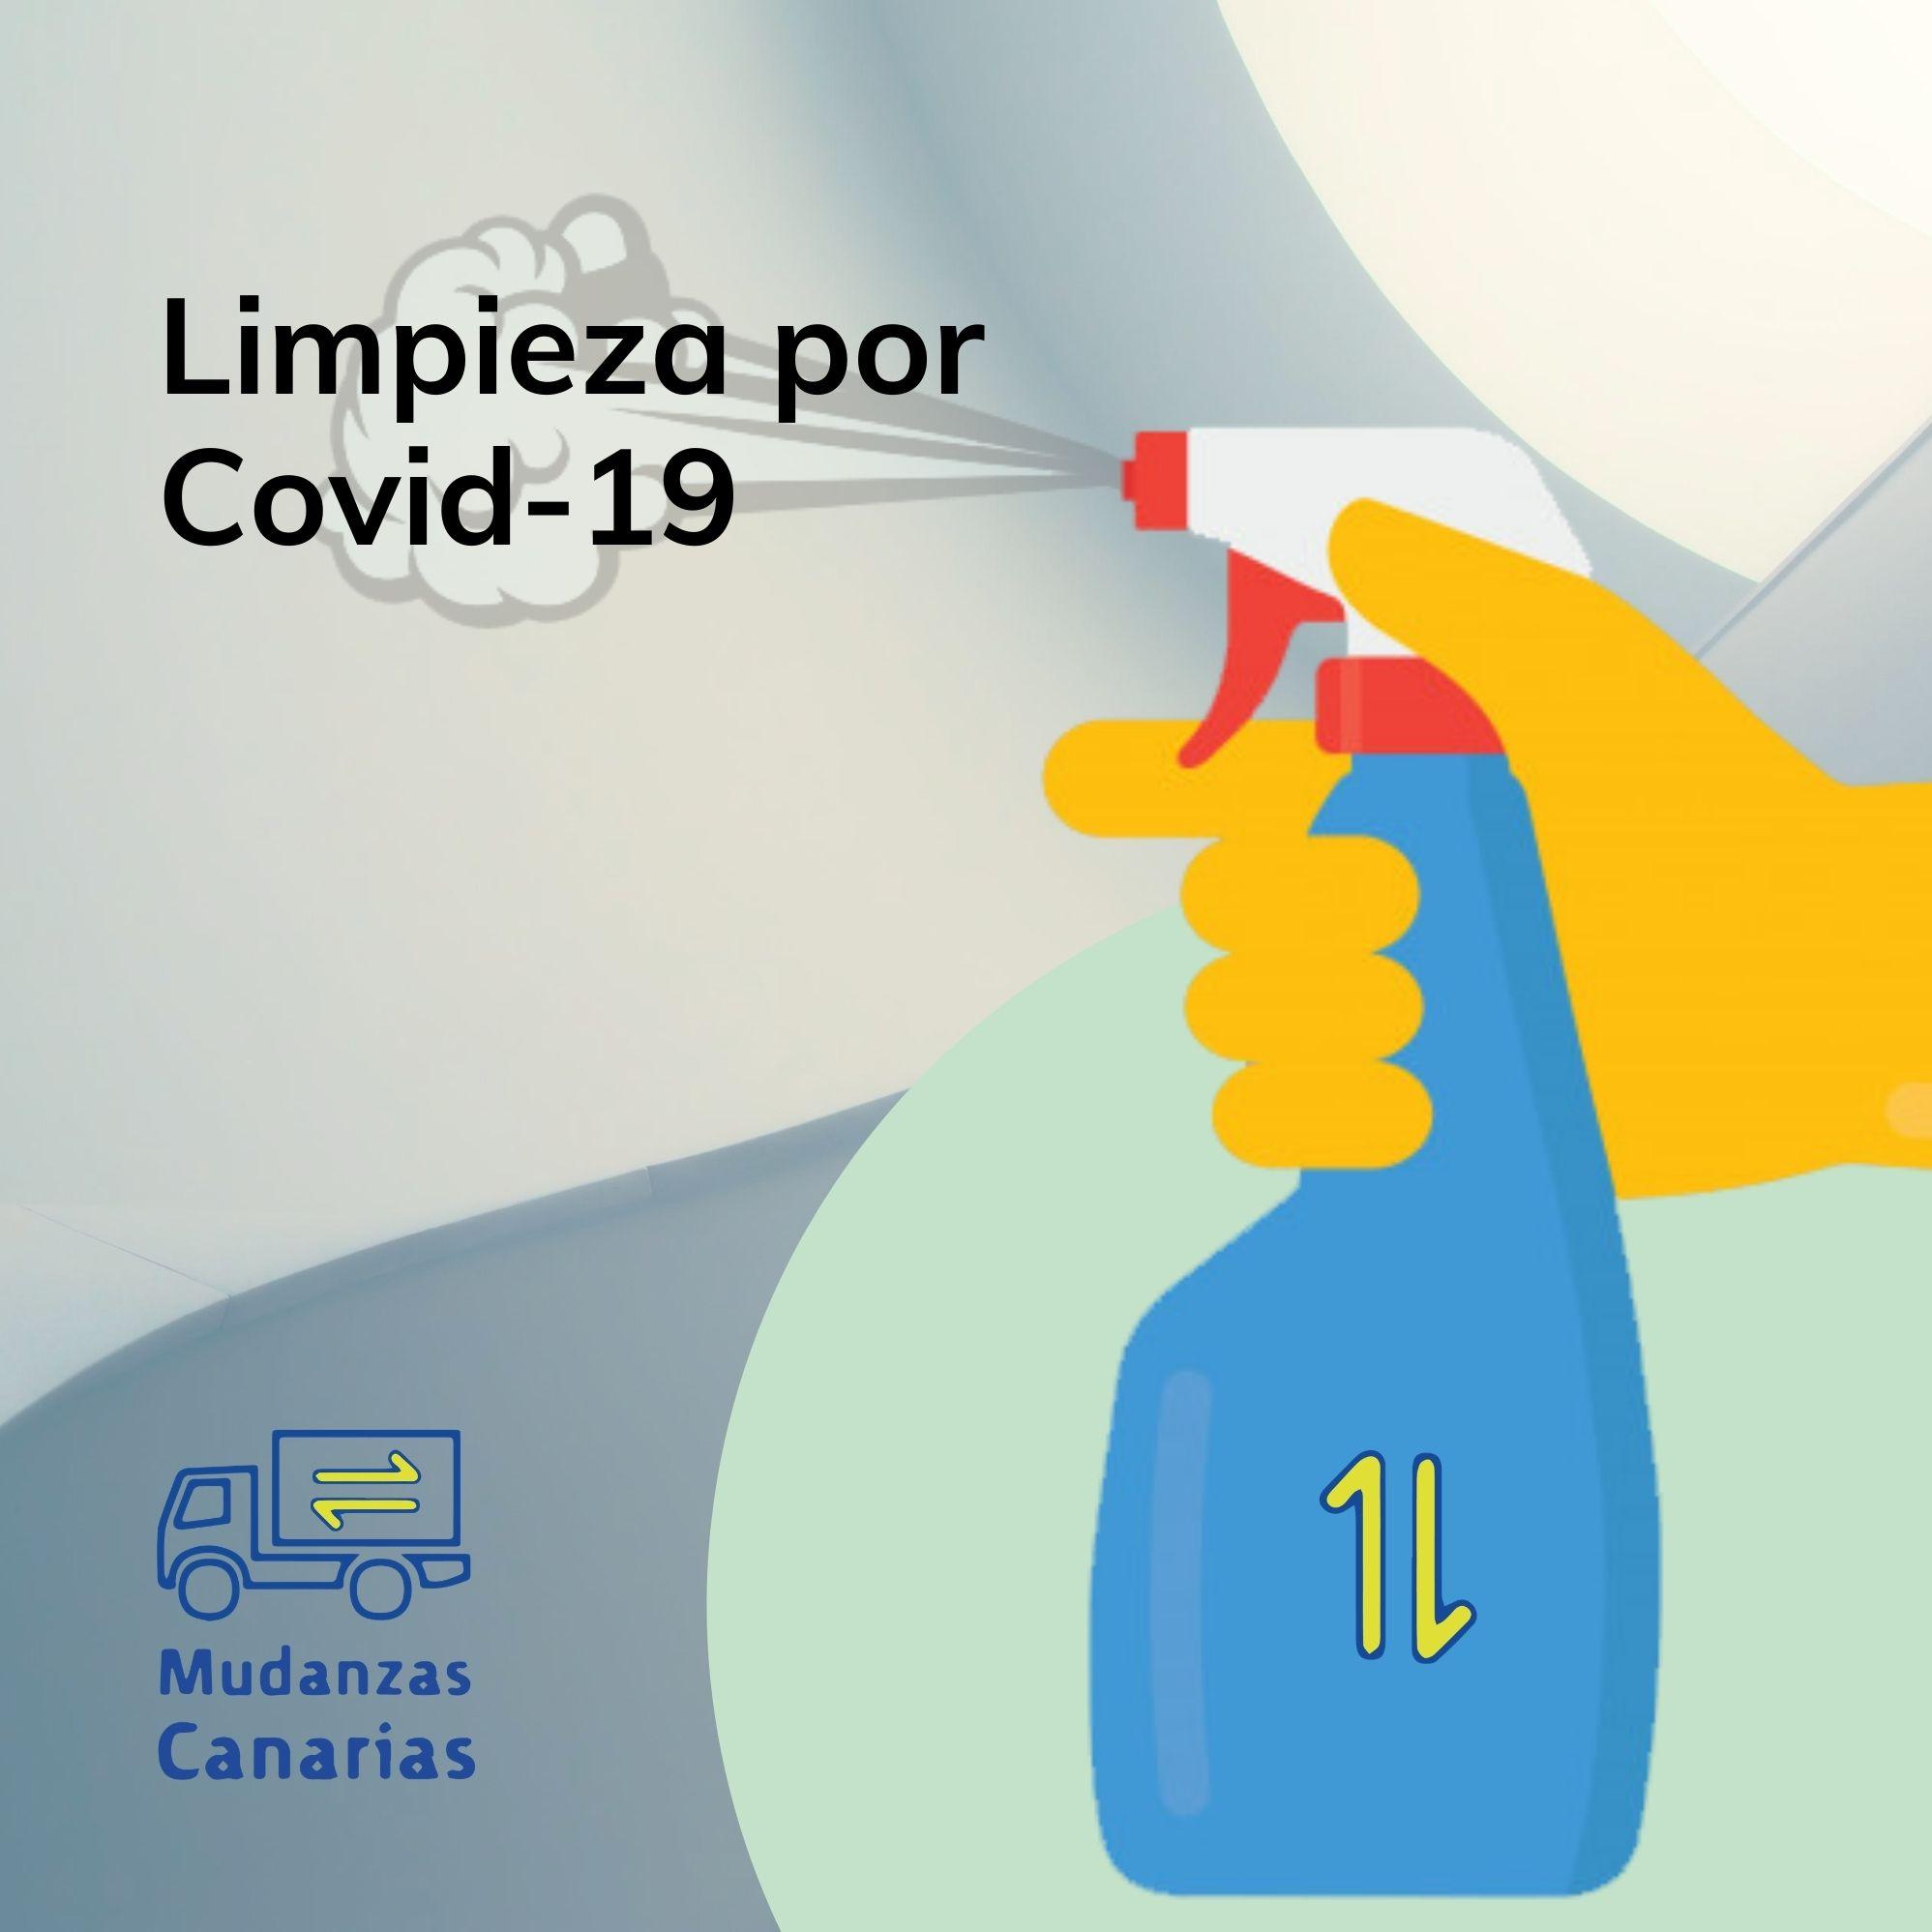 limpieza por covid 19